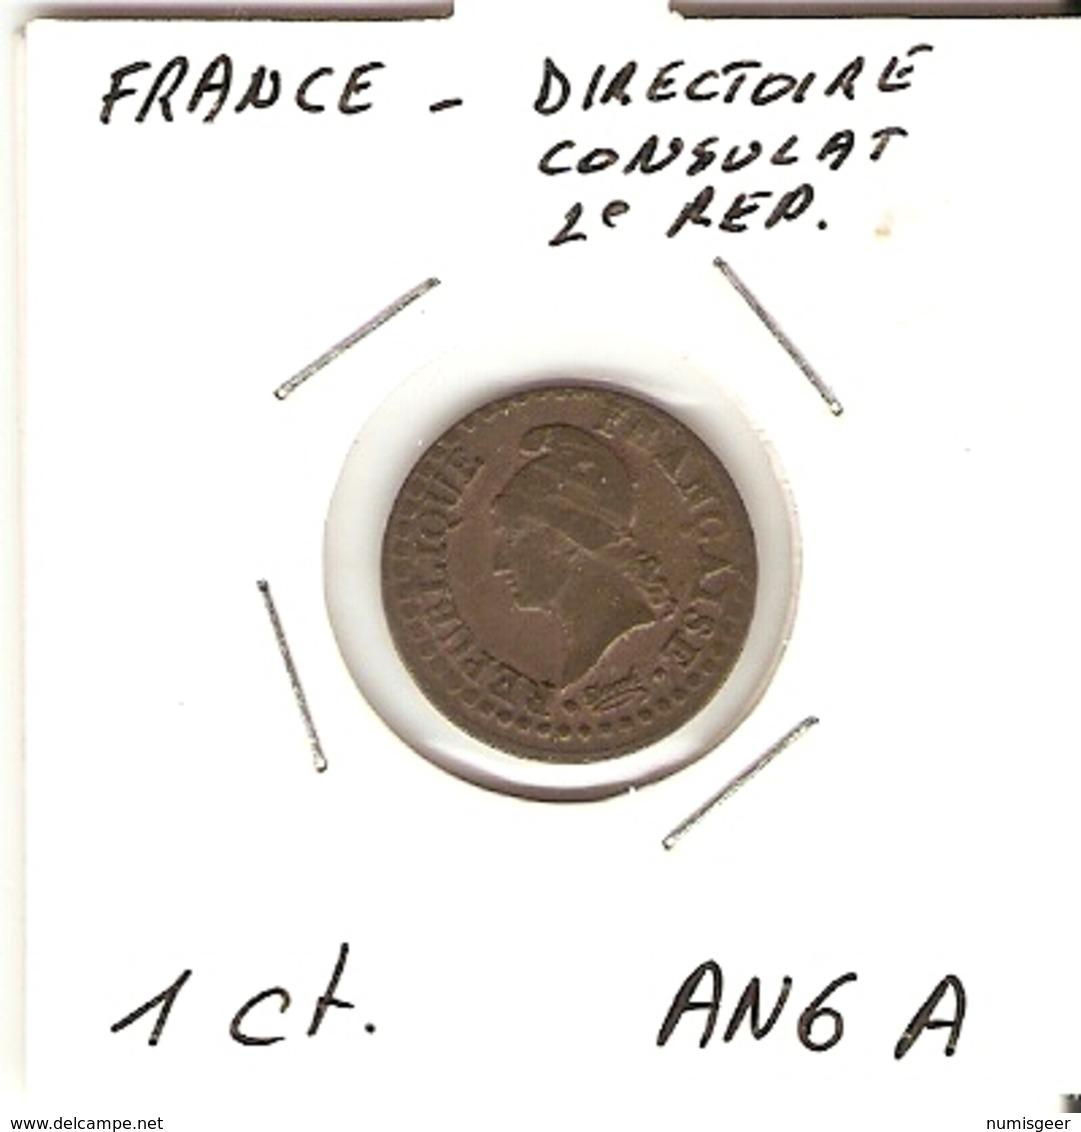 Directoire/Consulat/ 2° République  --  1 Ct. AN 6 A (1797-98) - A. 1 Centime